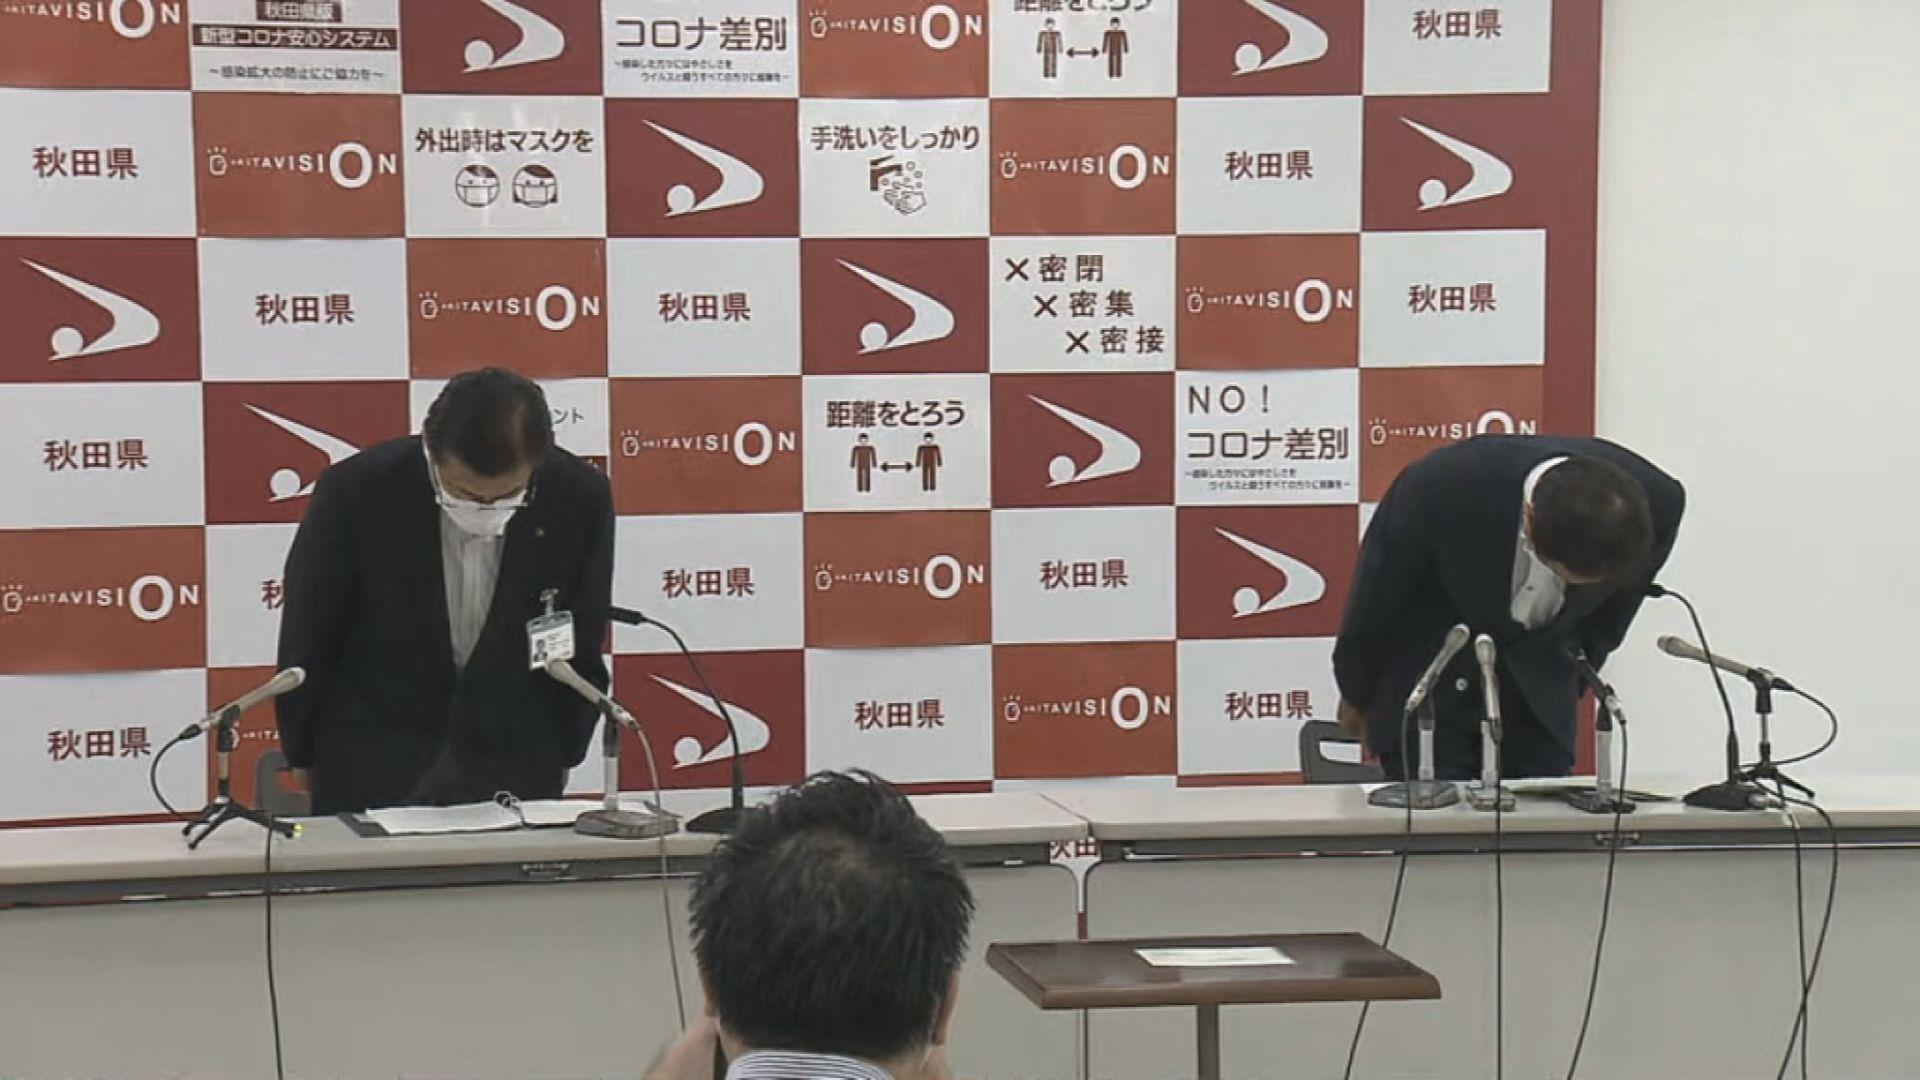 秋田県職員が新型コロナ感染 上京して飲酒(ノーカット版)